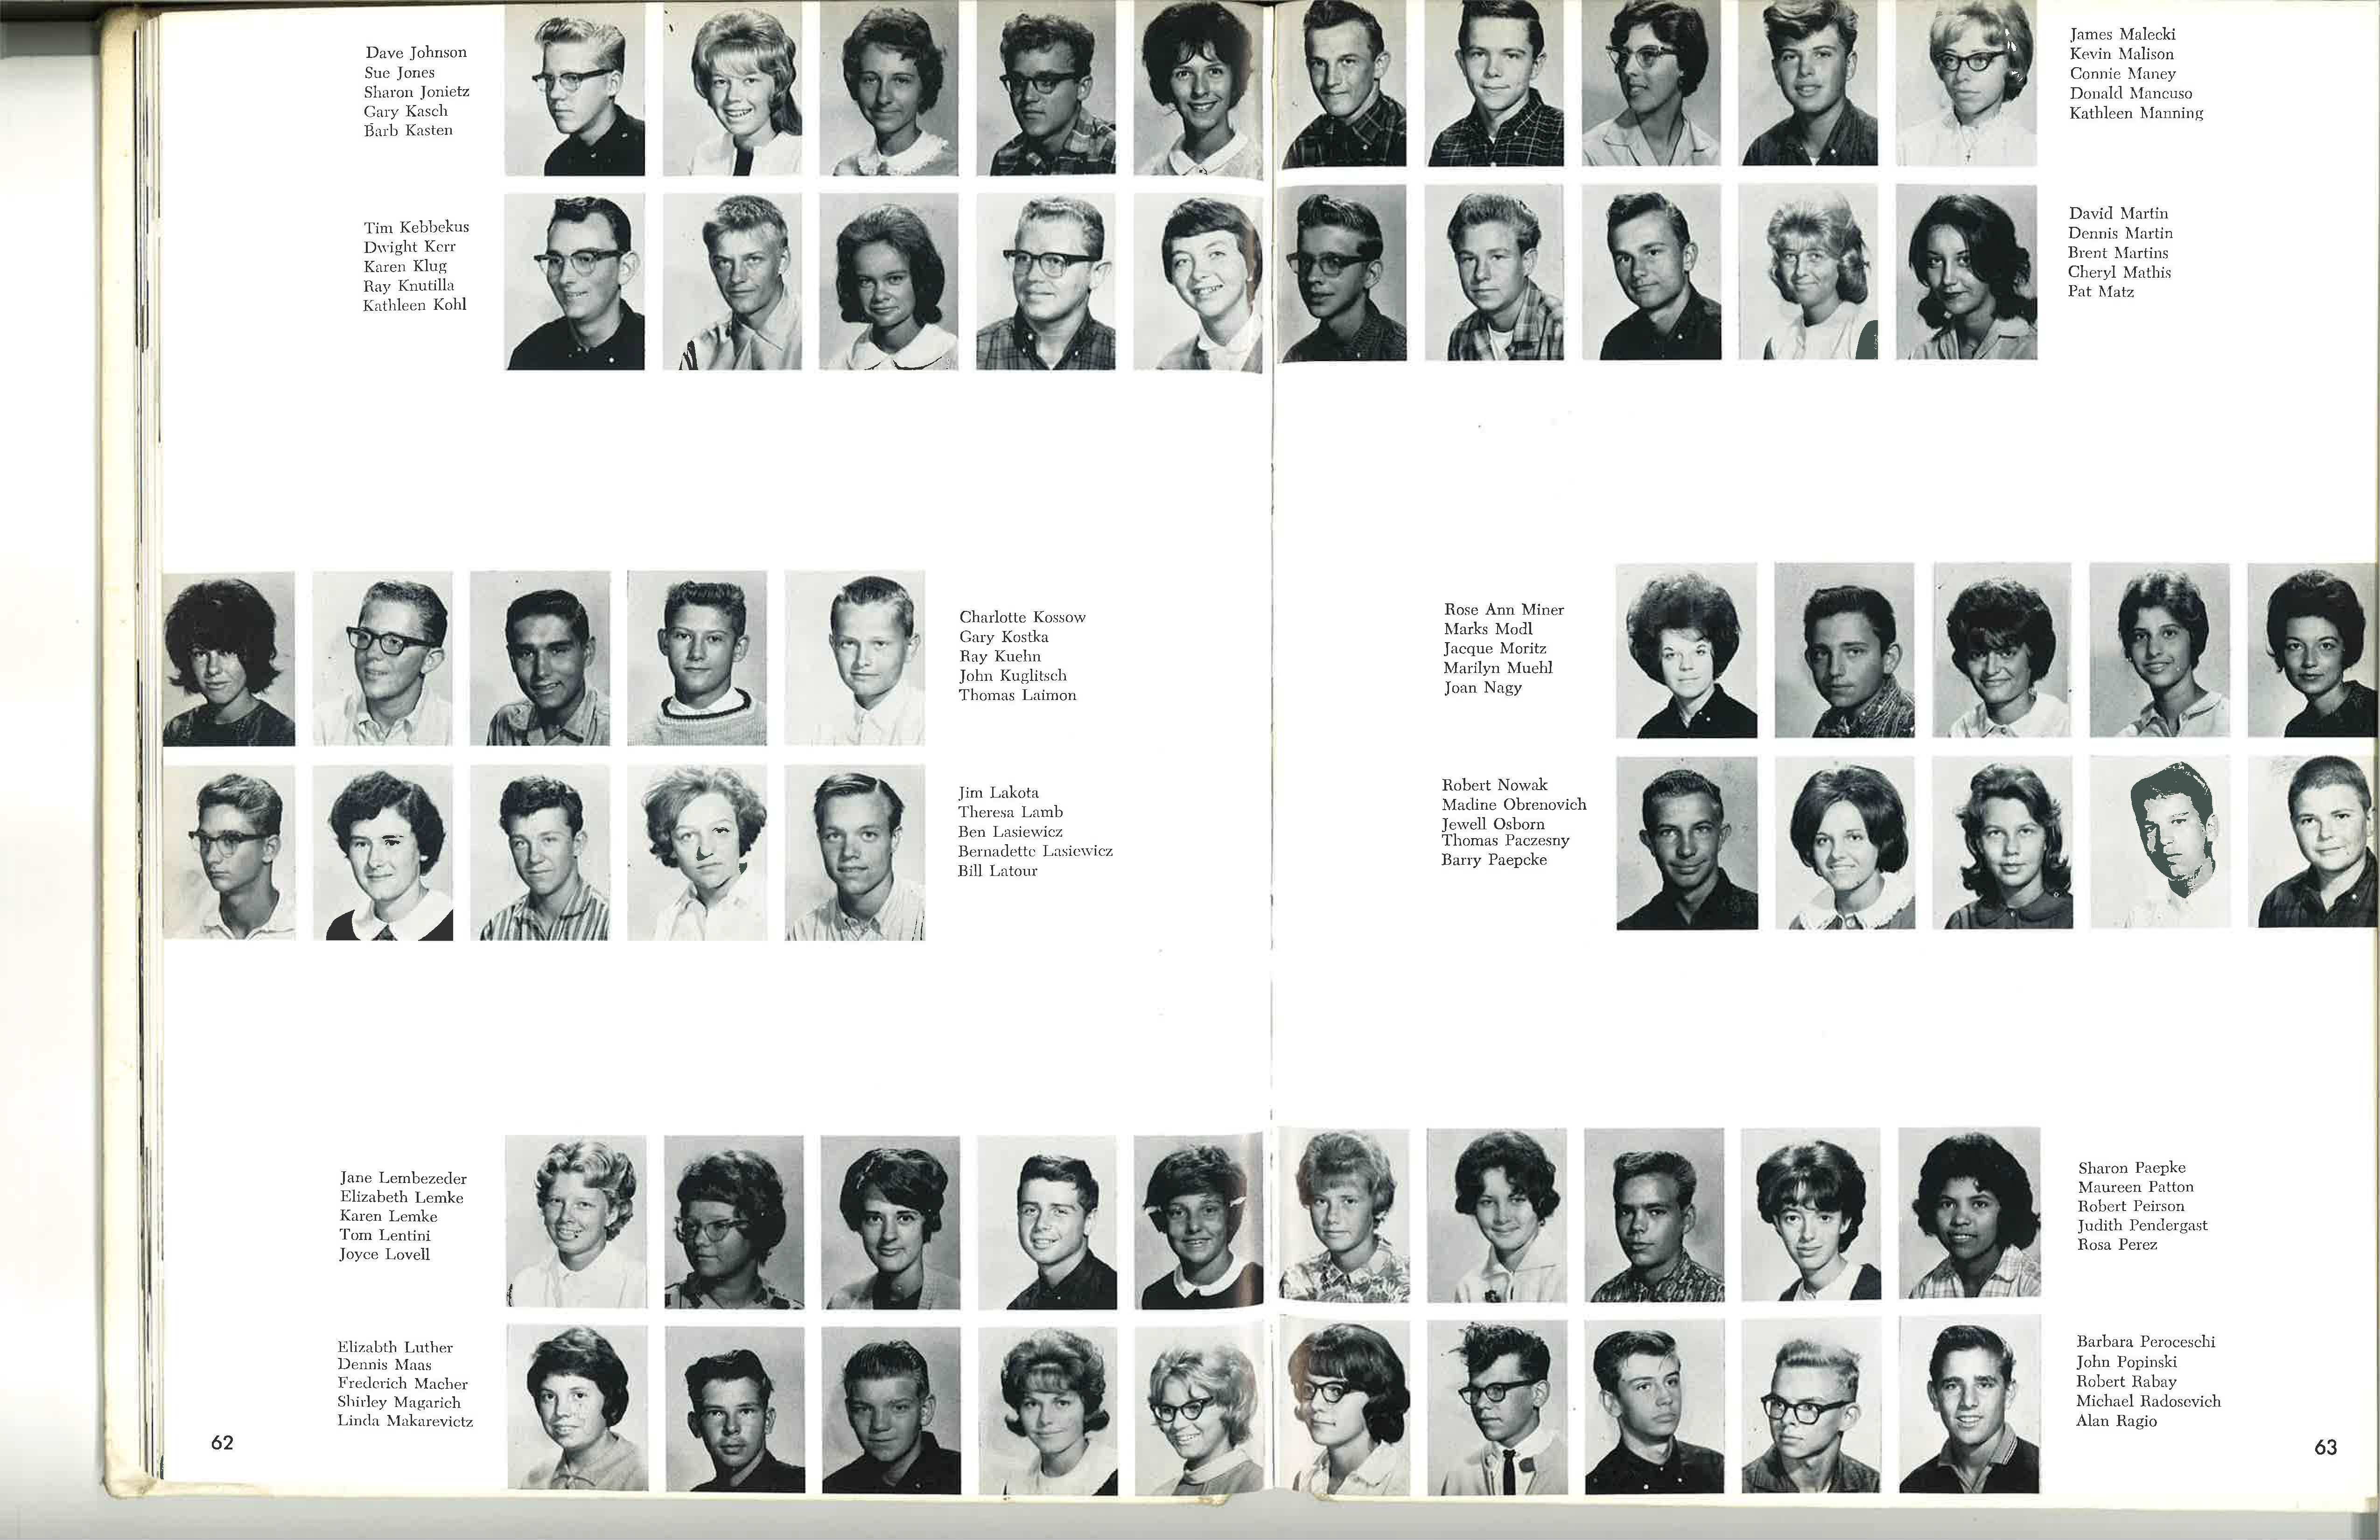 1964_Yearbook_Sophomores_62-63.jpg